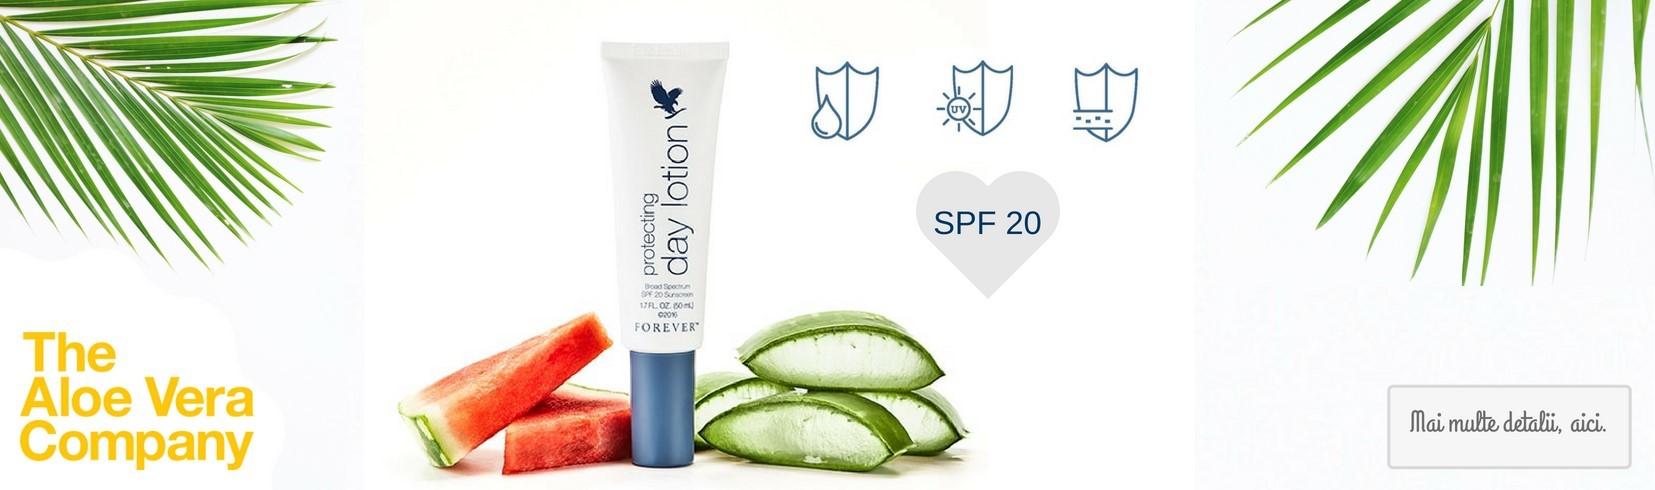 protecting day lotion - Protejeaza tenul de efectele nocive ale razelor UV, cu agenți minerali de protecție solară cu spectru larg.